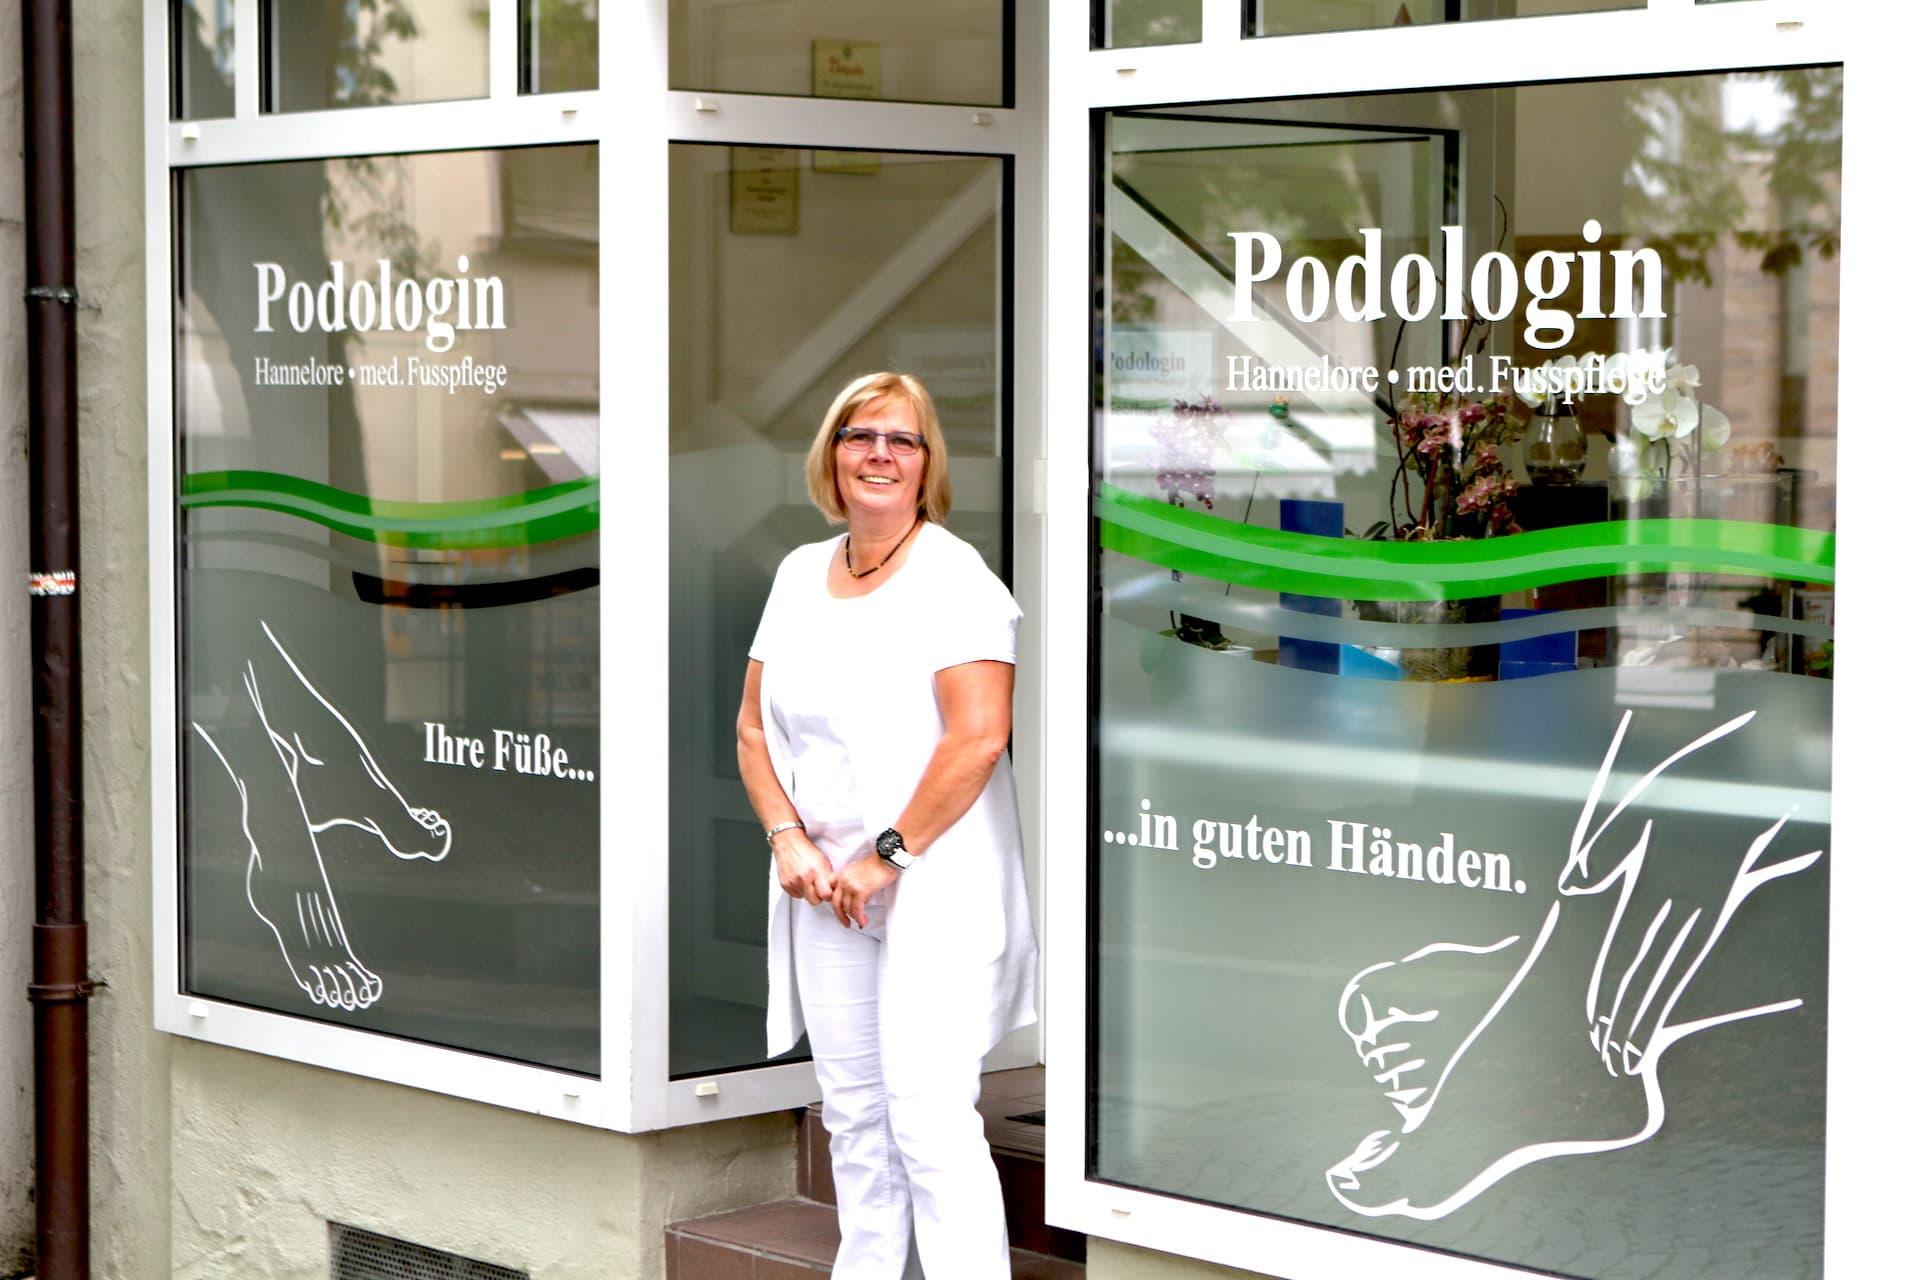 Podologin Schorndorf Hannelore Rienecker